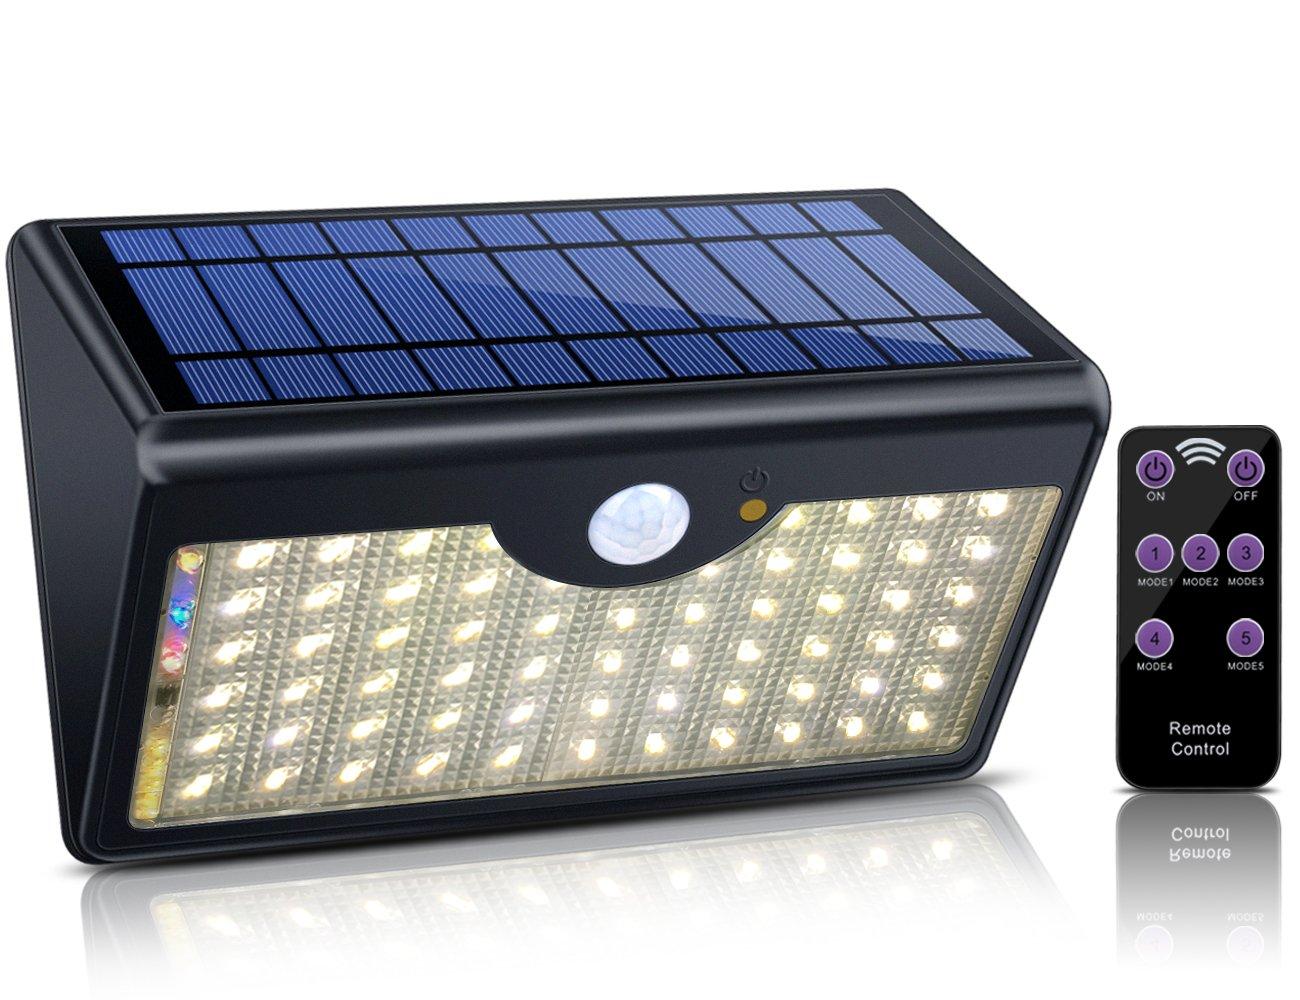 ソーラーライト屋外withリモートコントロール、1300lm 60 LEDワイヤレス防水ソーラーモーションセンサーセキュリティライトwith Wide検出角度の庭、Pathway、私道 LT01012-NG-US01 B076LK644D 15037  Warm White Light